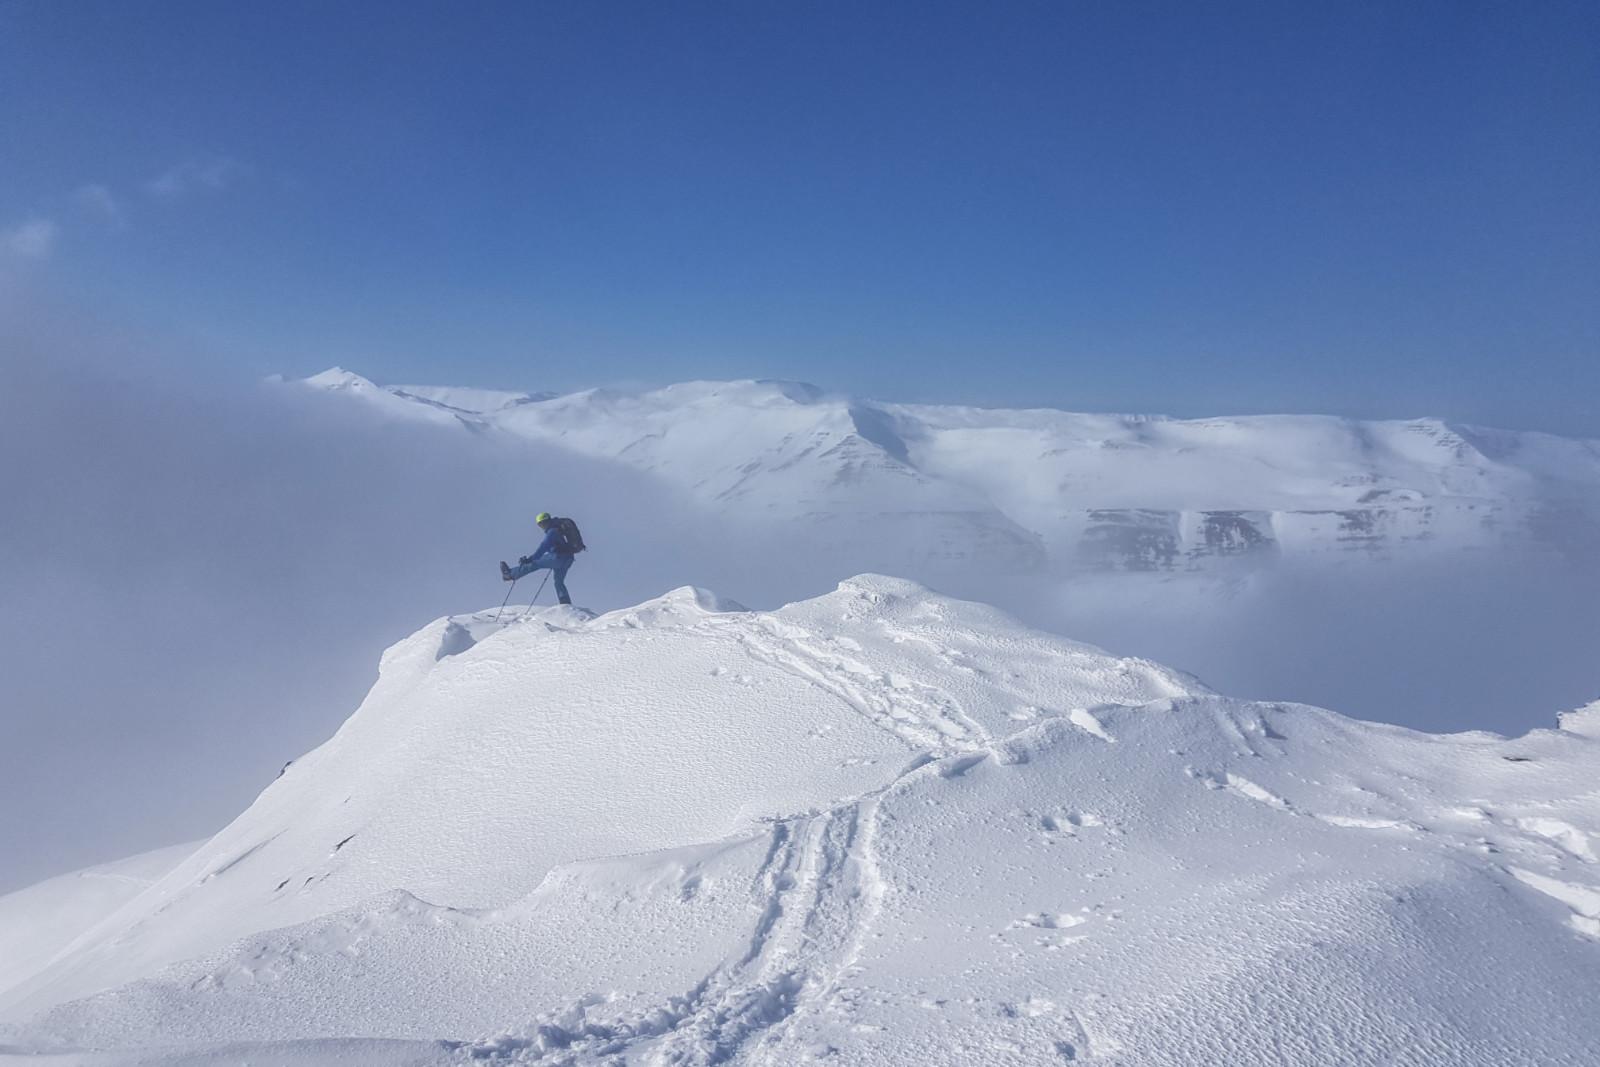 Auf dem Gipfelrücken der Rauðhyrna. Gut sind die Wolken auf der Ostseite (links) zu erkennen.